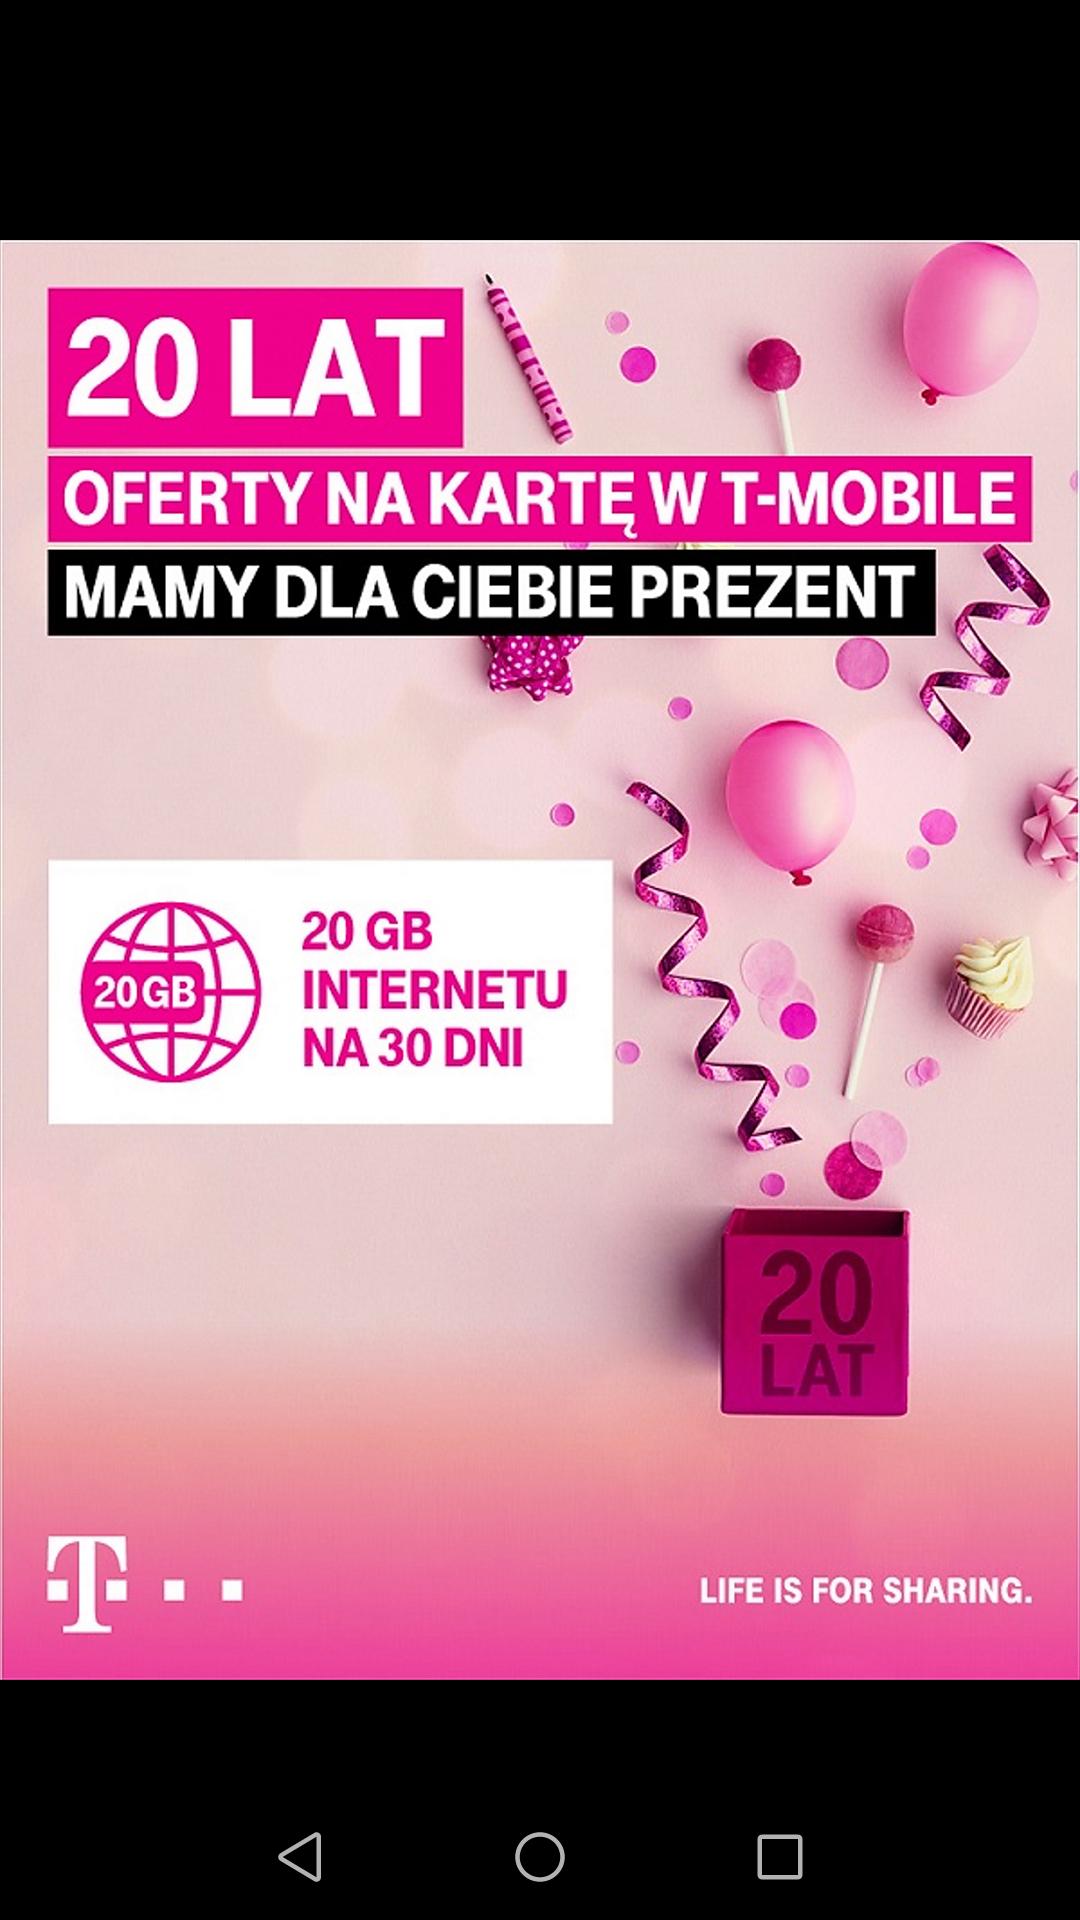 20 GB w T-Mobile za darmo.